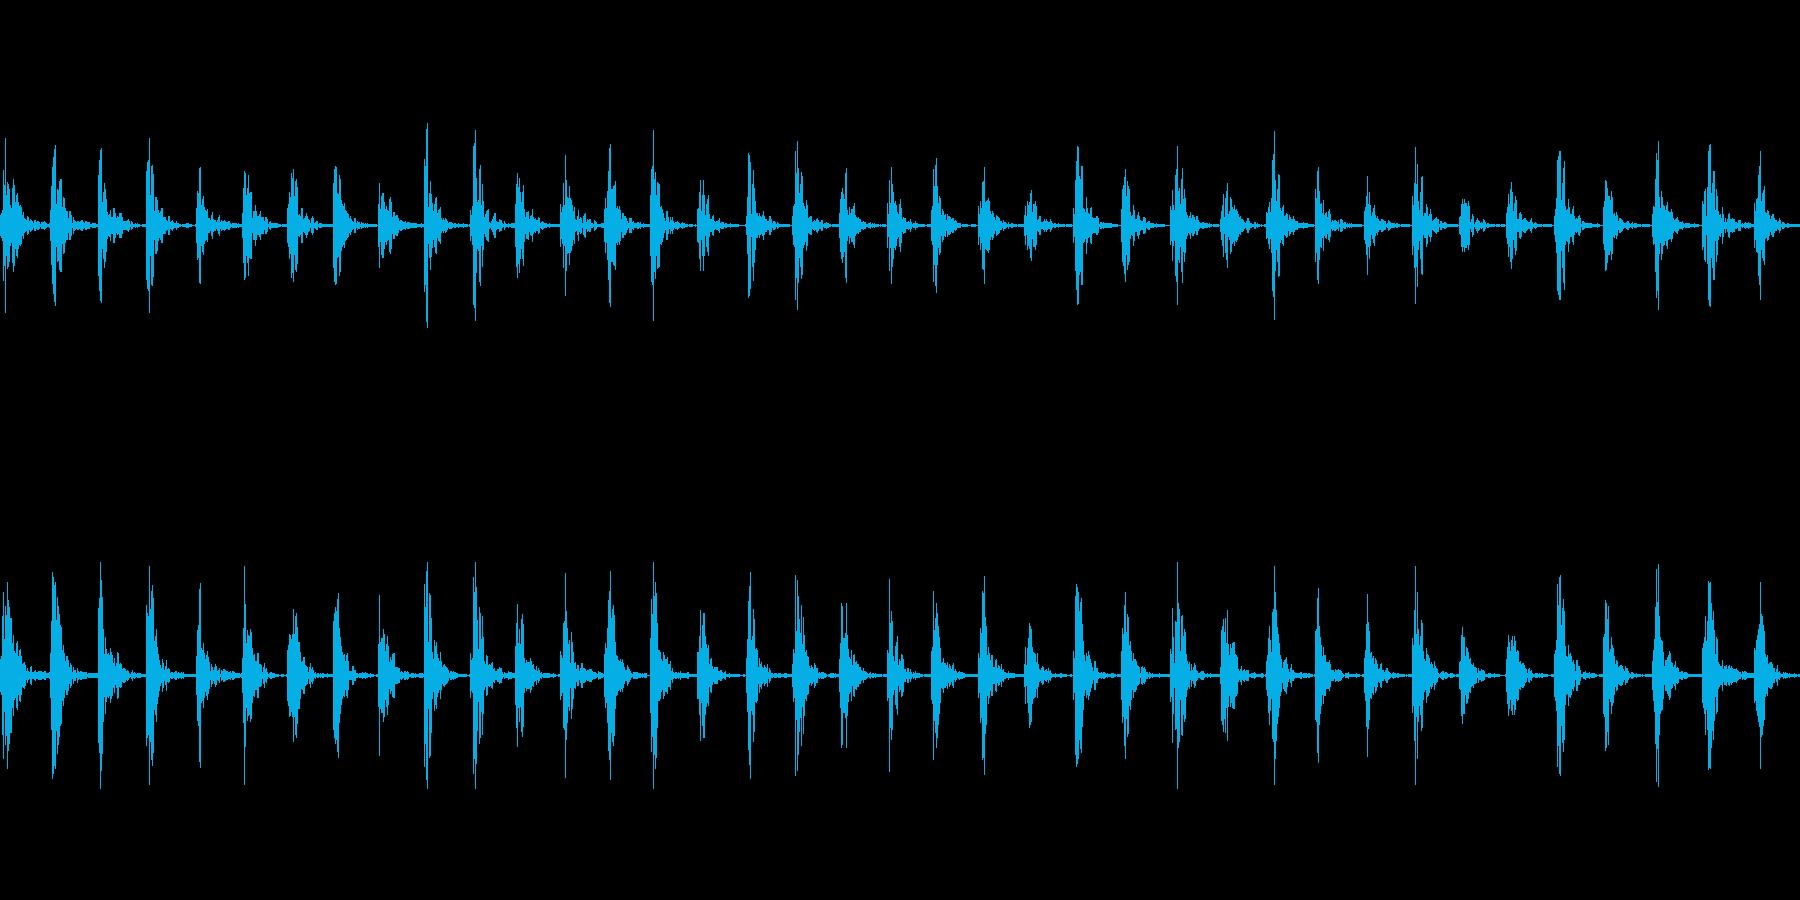 【足音01-2L】の再生済みの波形